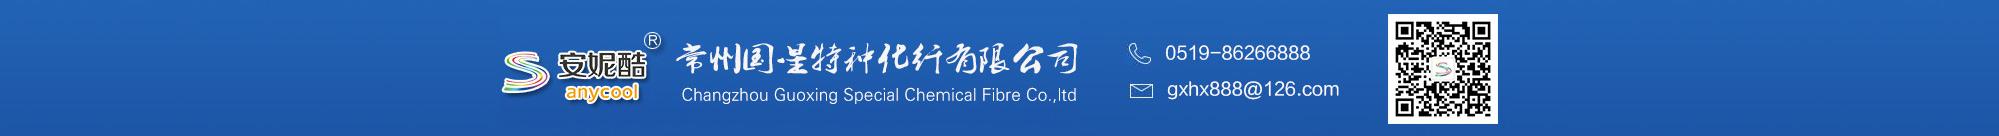 常州国星特种化纤有限公司